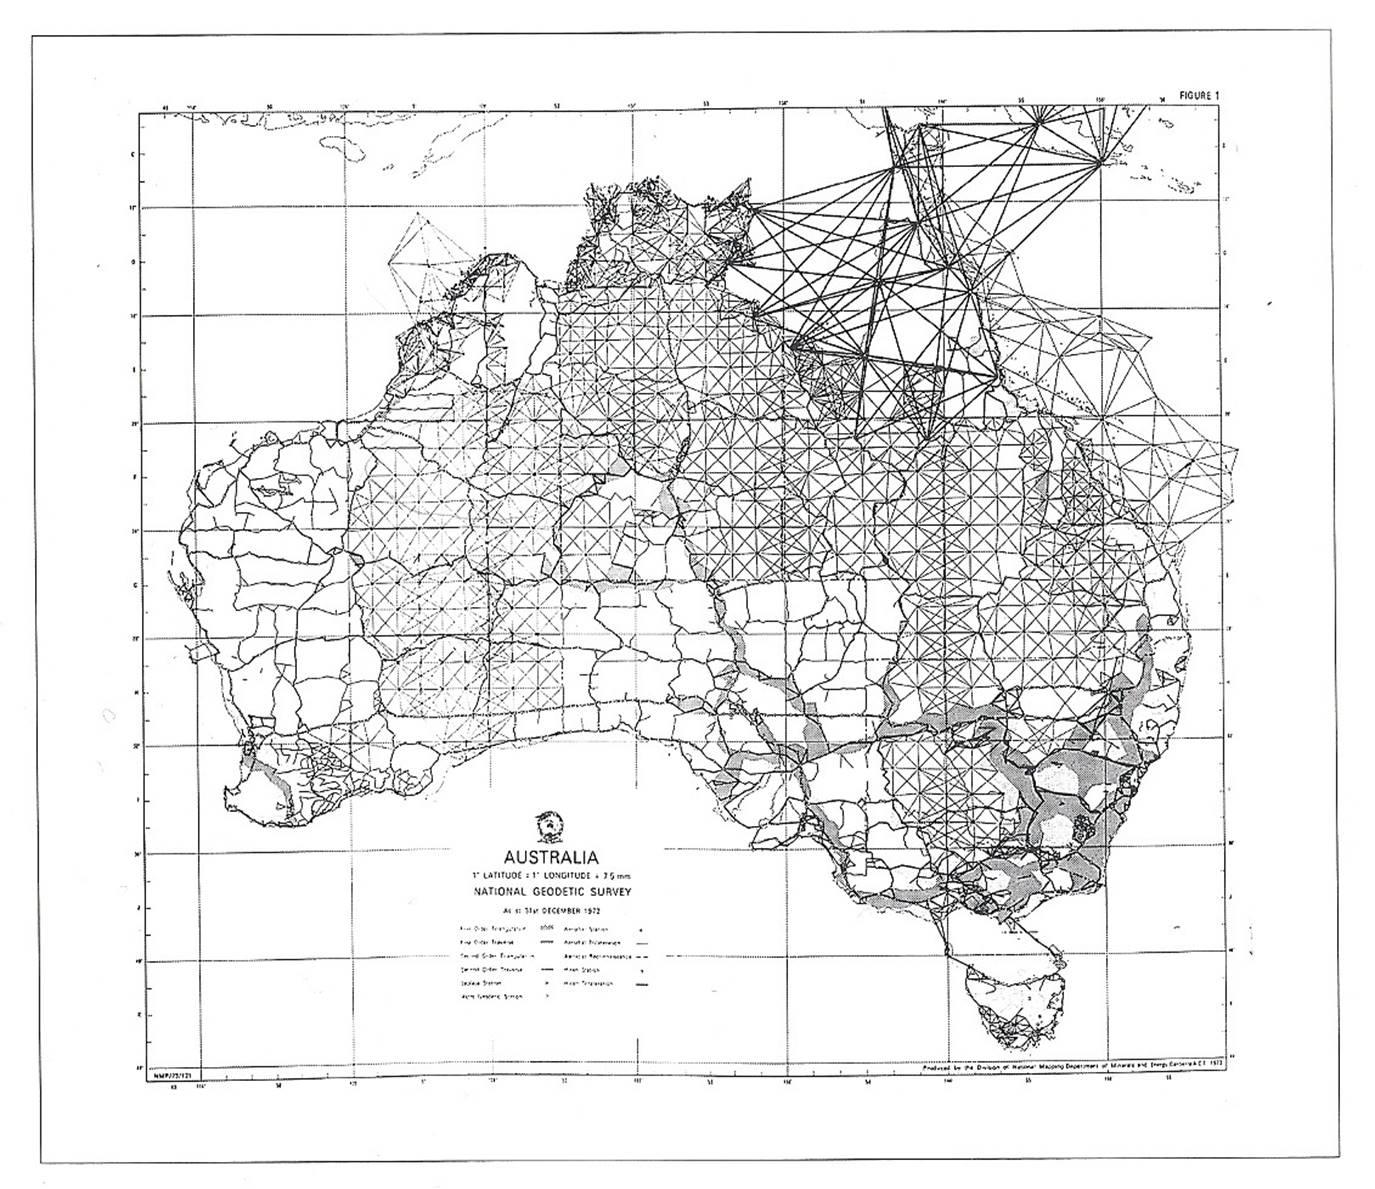 AERODIST STATION MARKING OR GROUNDMARKING - Us geodetic survey maps